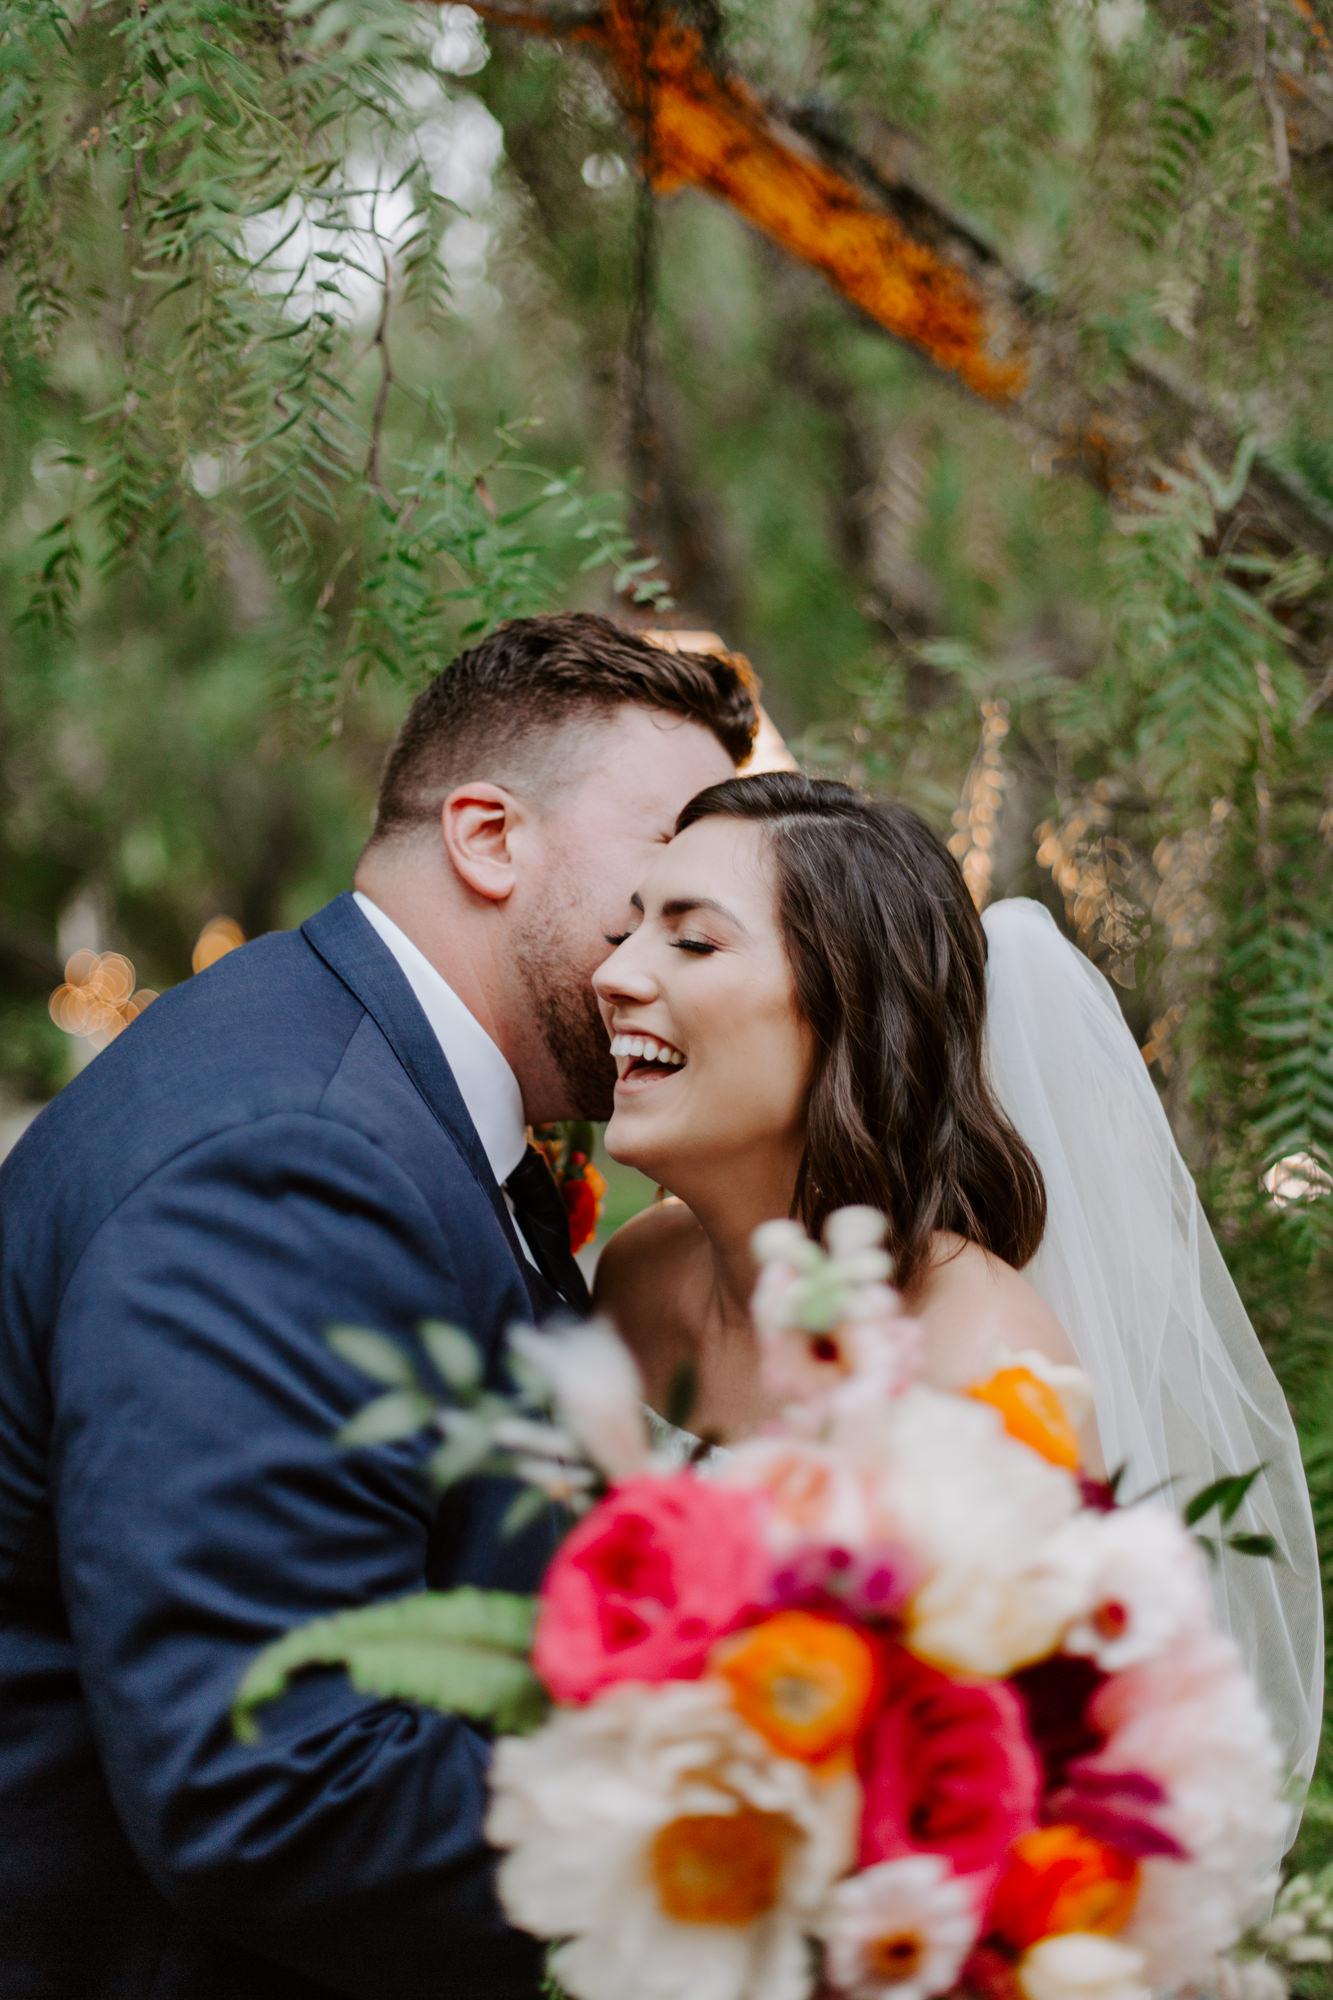 Rancho bernardo Inn san deigo wedding photography0066.jpg